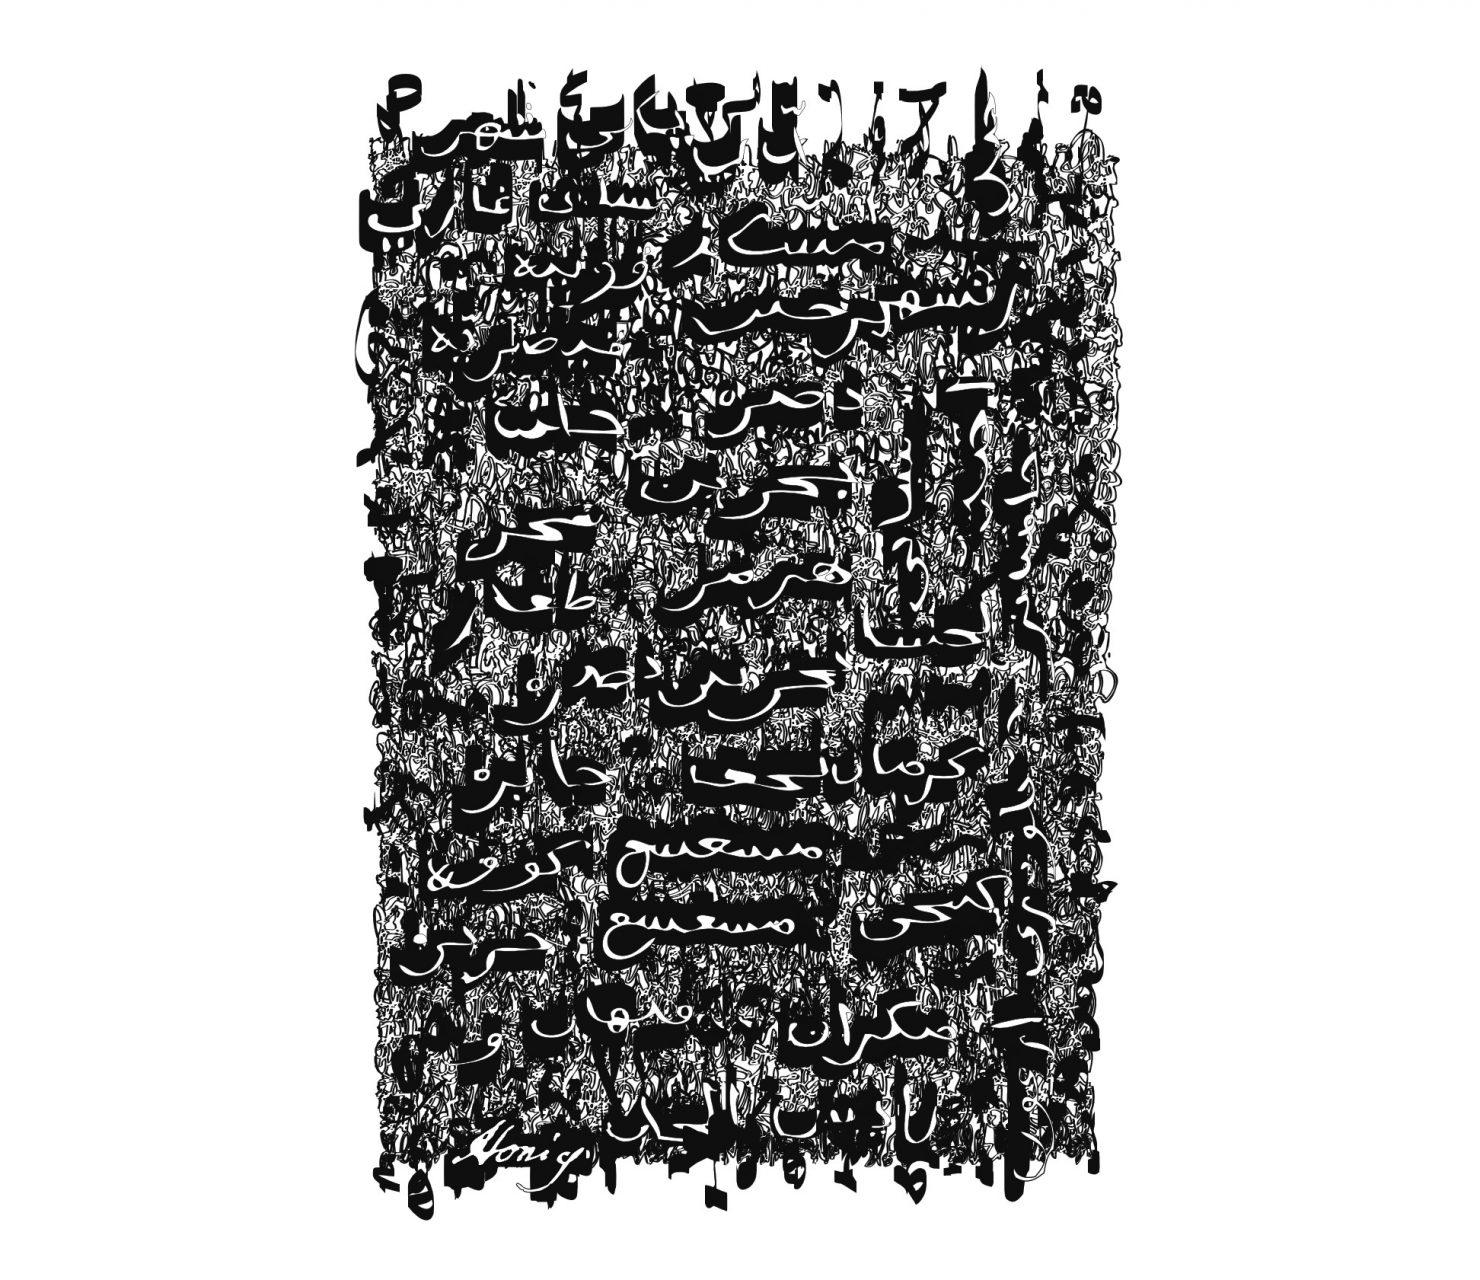 Palimpsest 022, Vektordatei, 2019 (Motiv im Ausstellungsfolder, nicht Teil der Hängung)